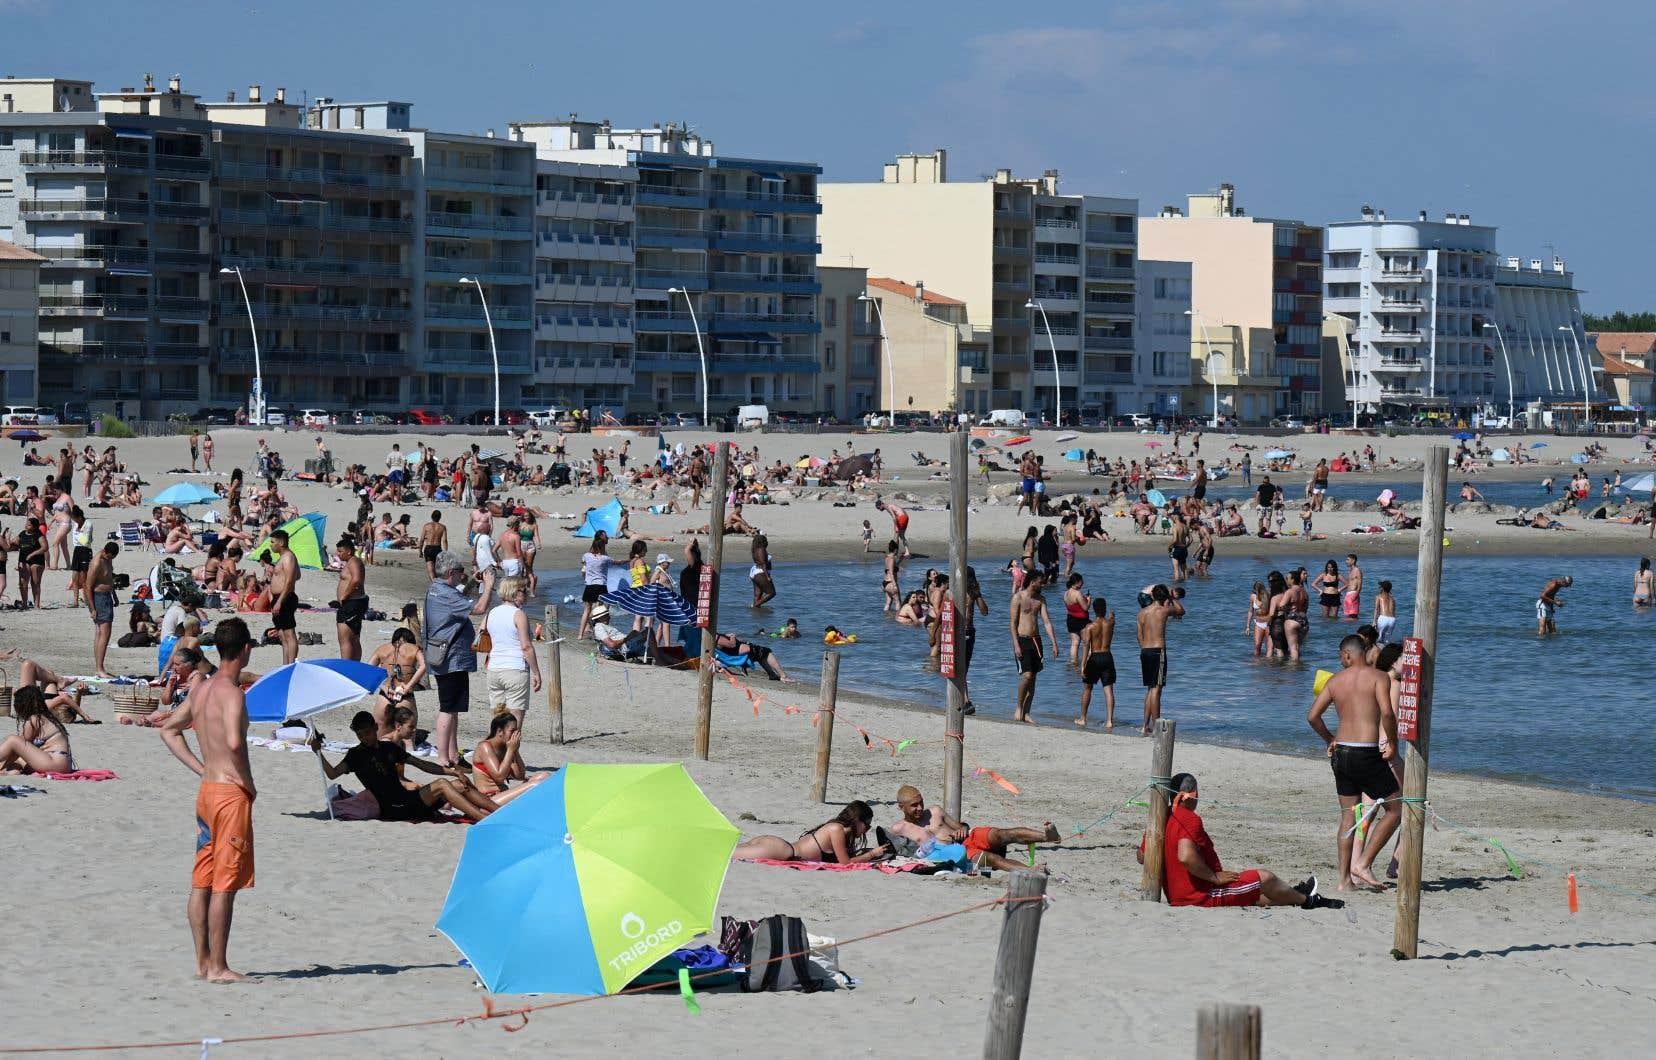 Des Français ont profité de l'assouplissement des mesures sanitaires pour aller se rafraîchir à la plage de Palavas-les-Flots, dans le sud de la France.